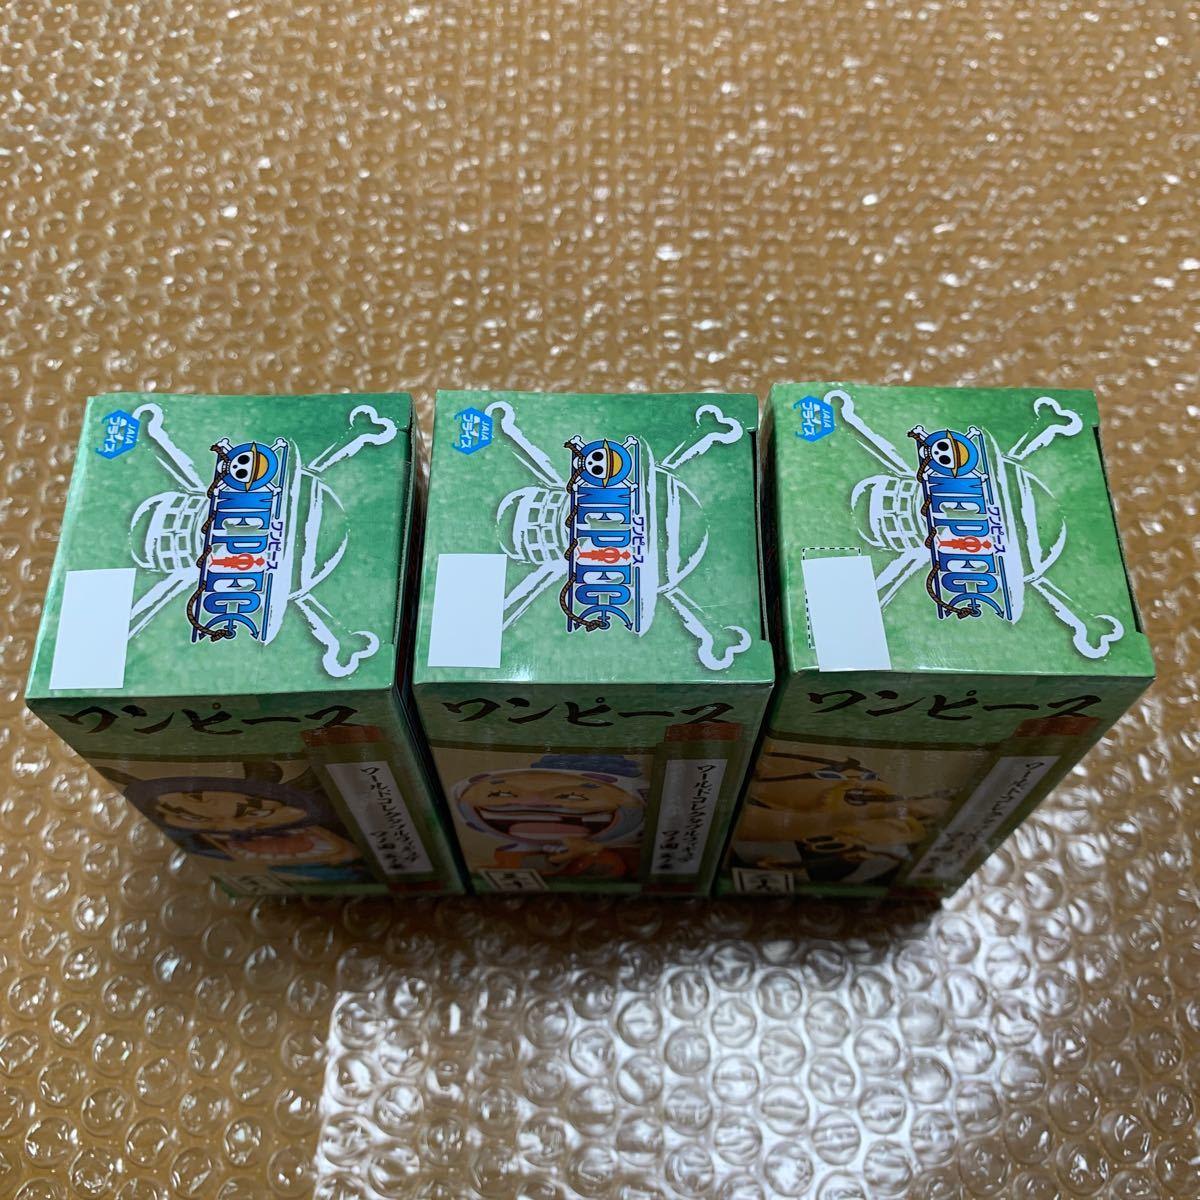 ワンピース ワールドコレクタブル フィギュア ワノ国5 3種セット